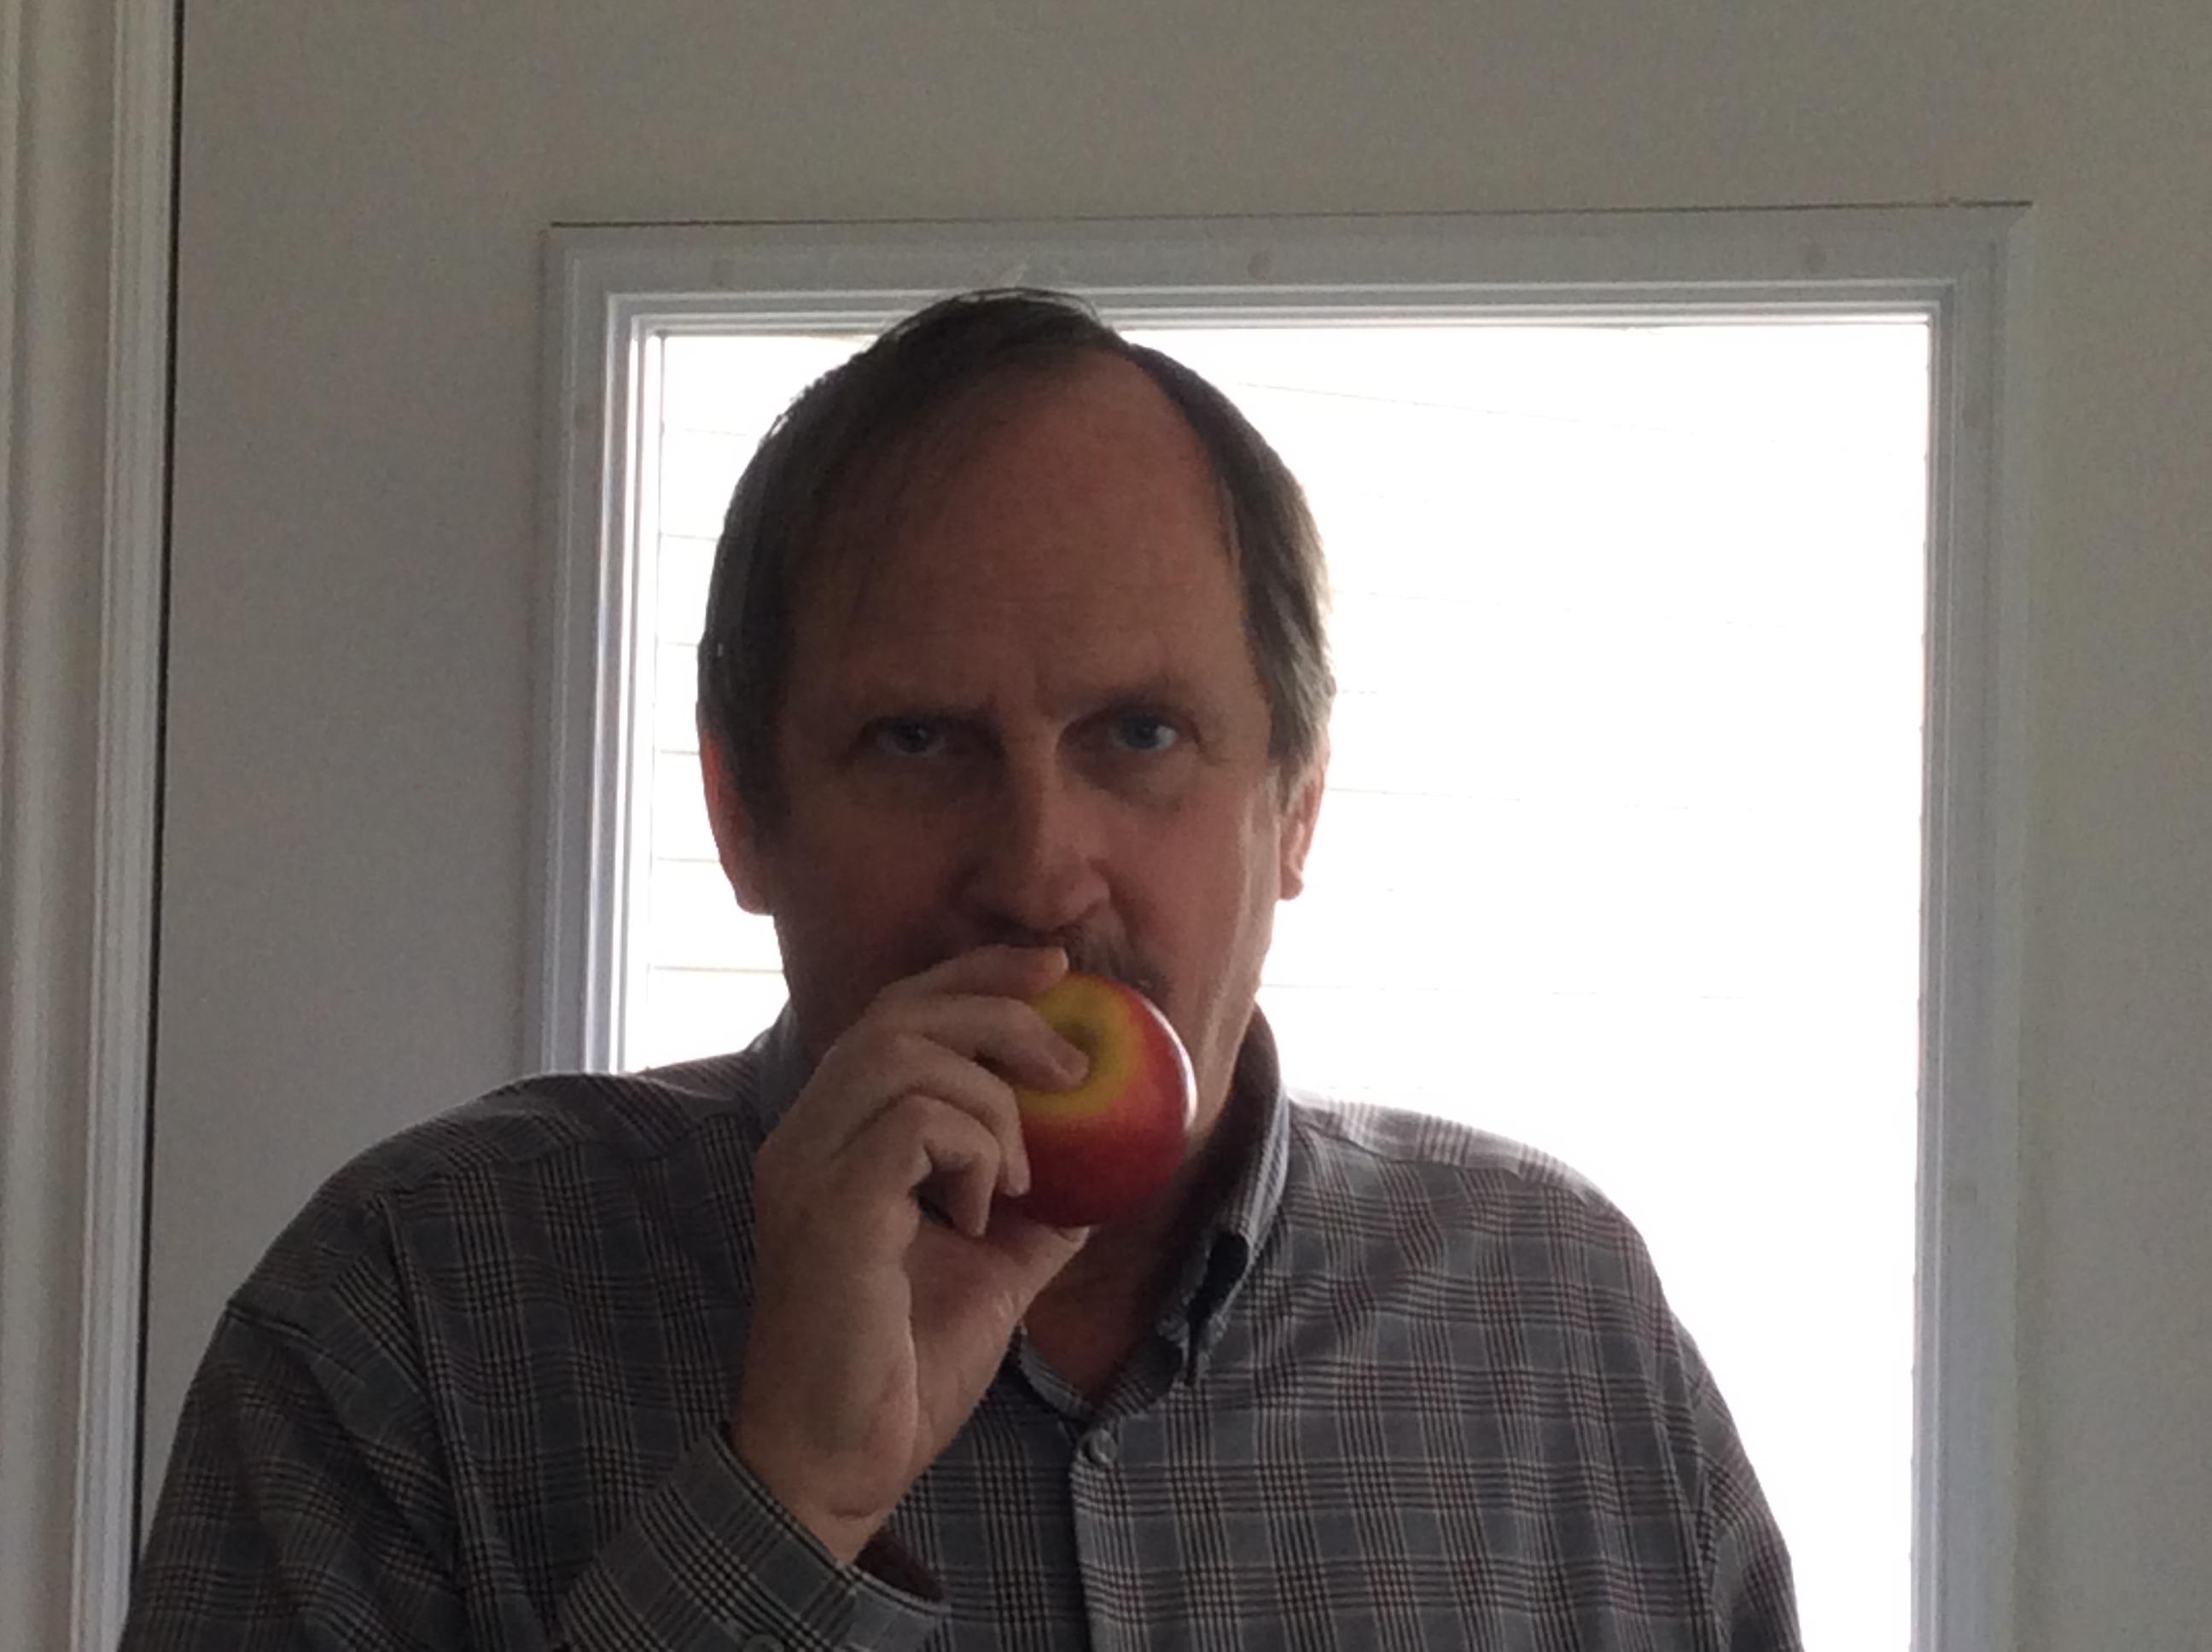 ambrosia apples are delicious